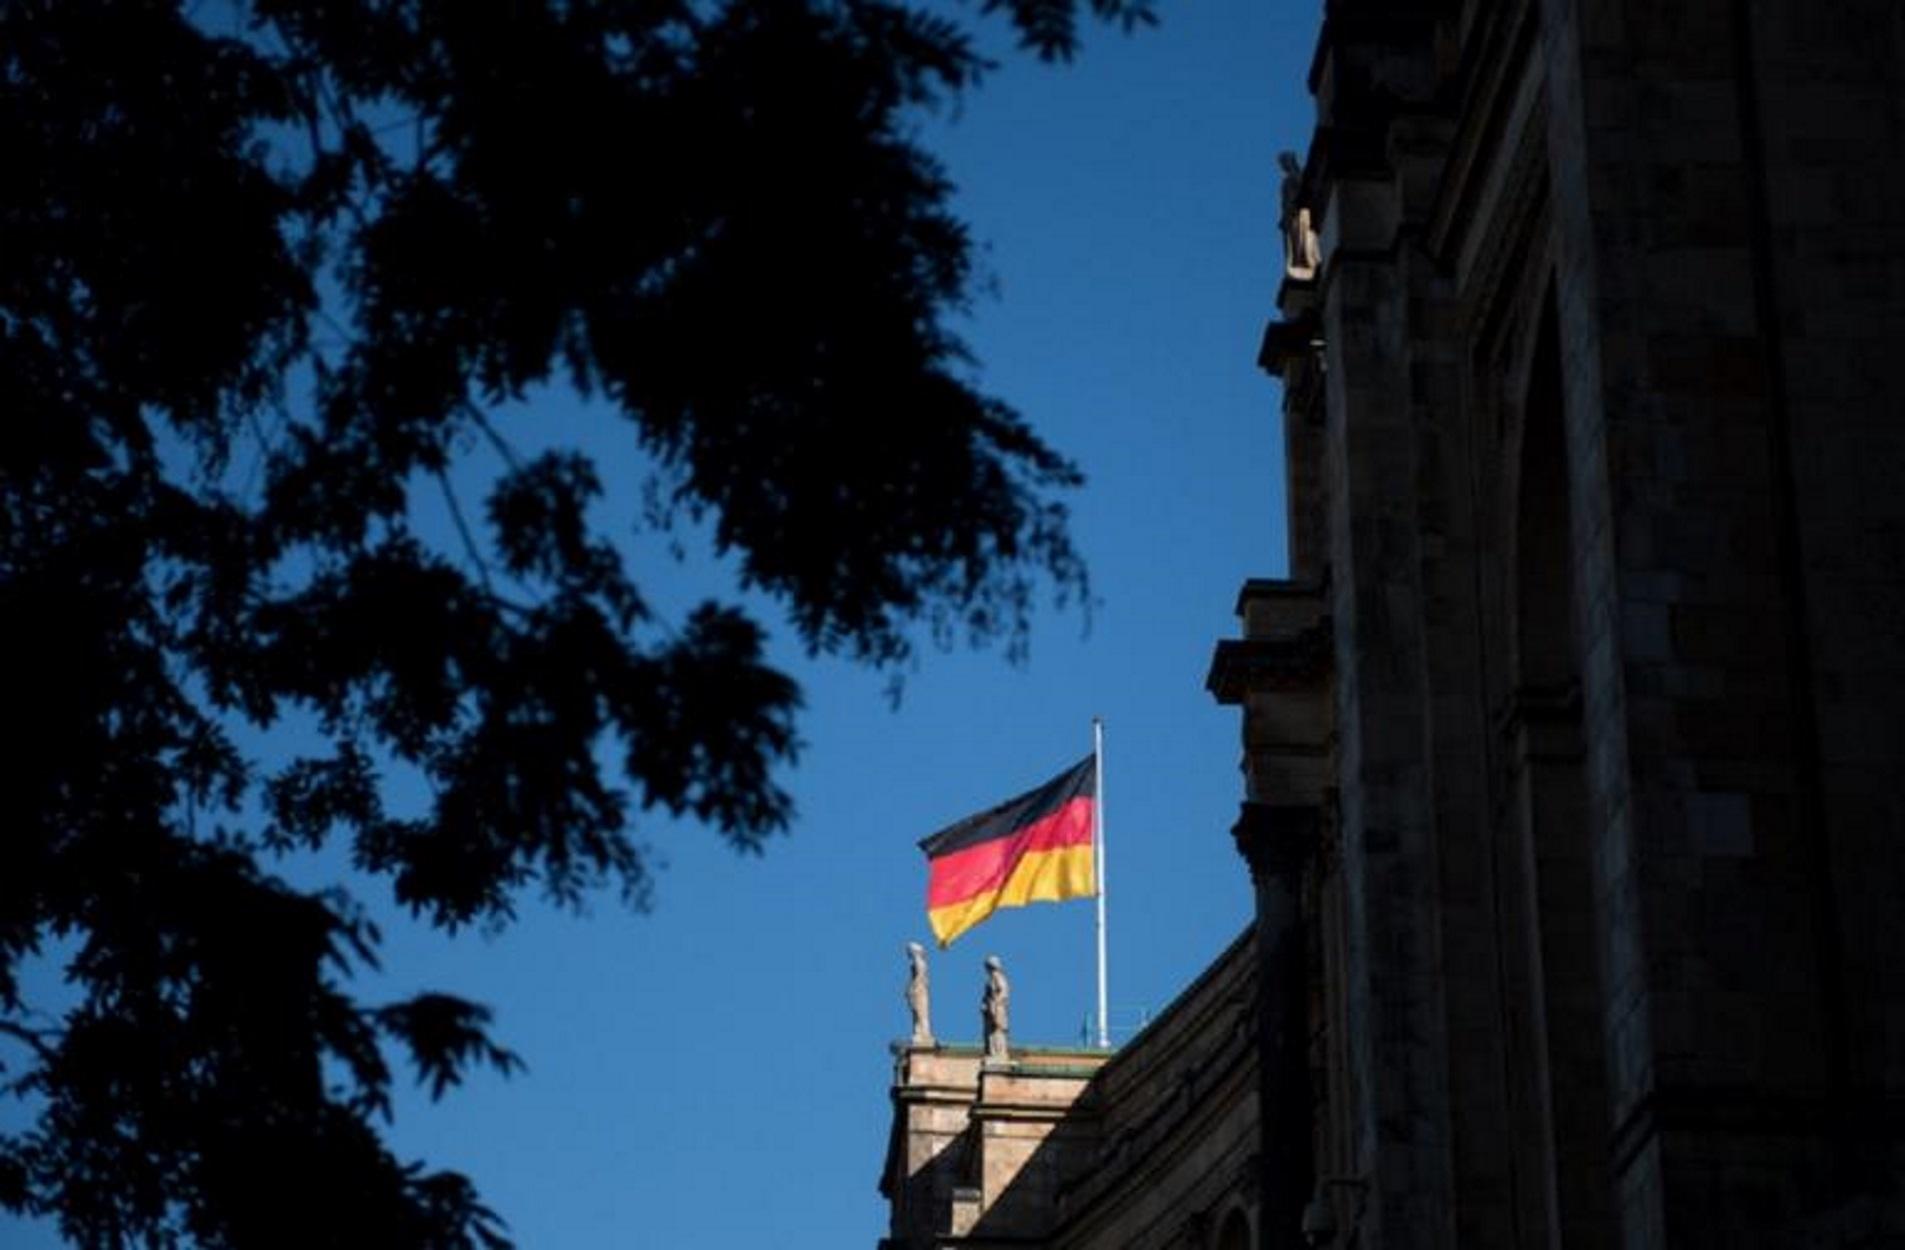 Βόλος: Πίστευαν ότι είχαν φτάσει στη Γερμανία μετά από τρεις μέρες αλλά η πραγματικότητα ήταν διαφορετική